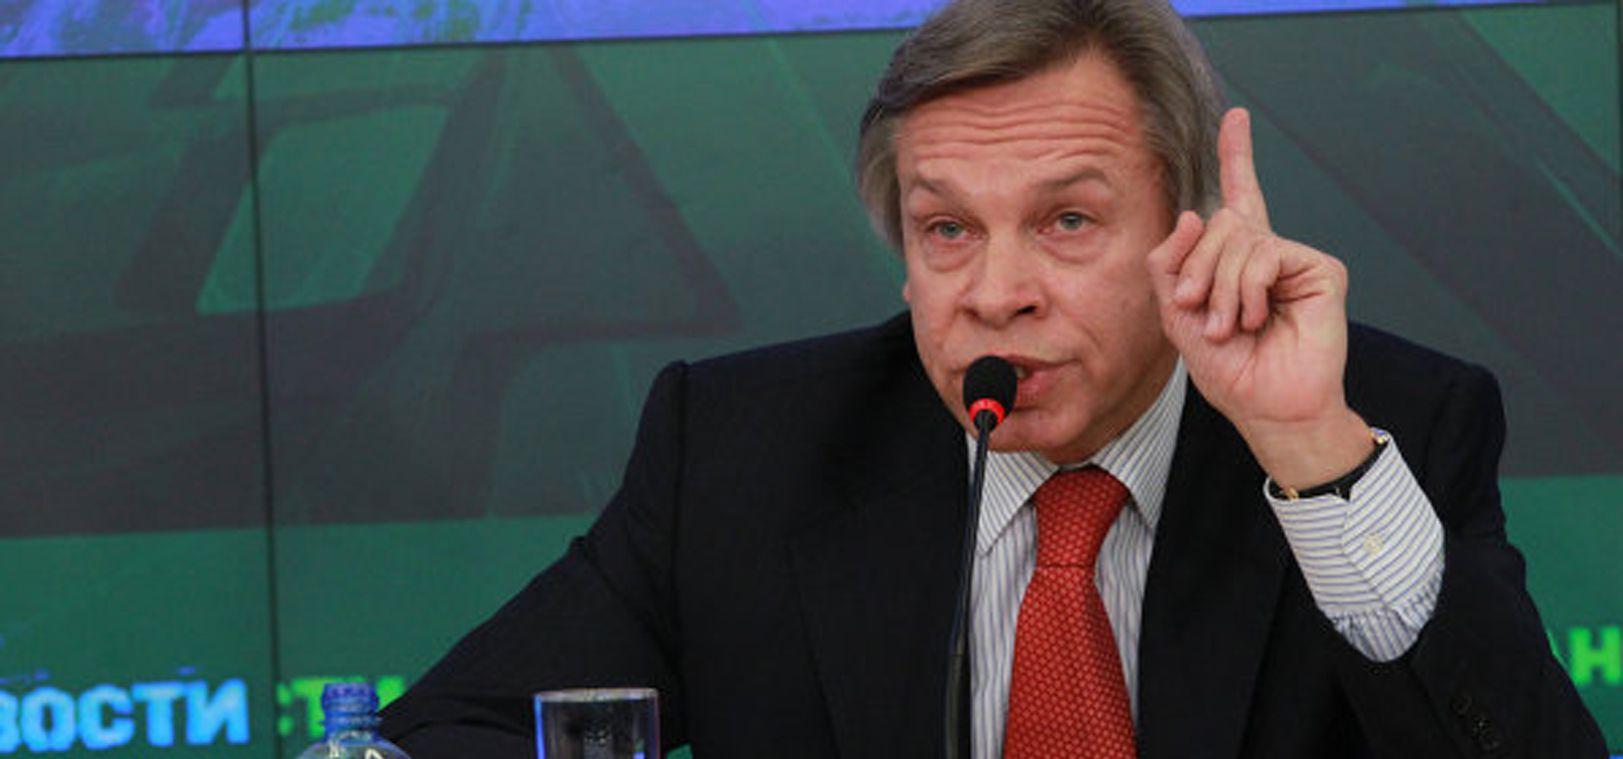 Azeri Sahar Tv | Алексей Пушков : Россия намерена расширить географию парламентских отношений |